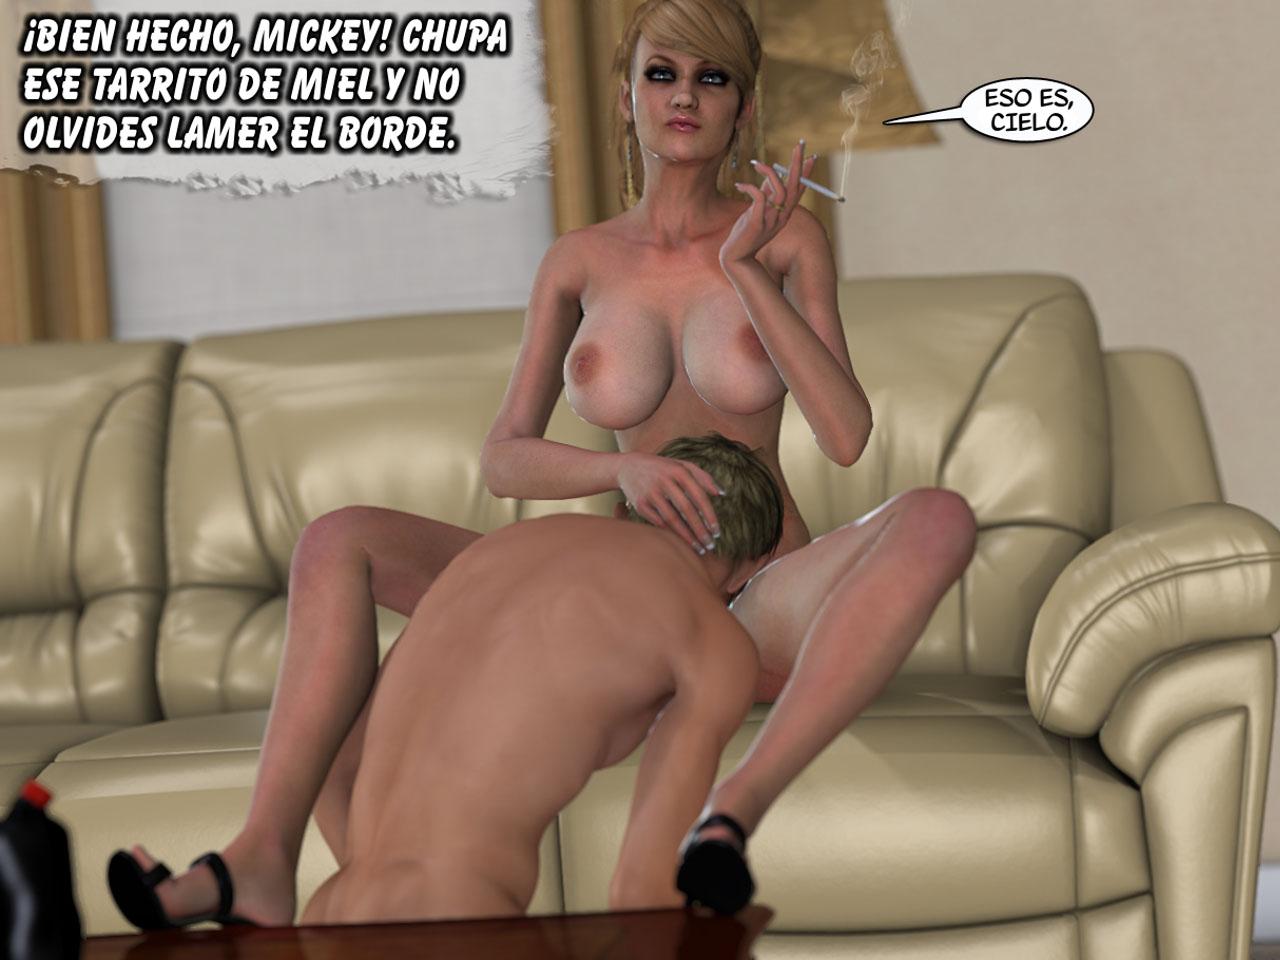 porno loco escort gay df